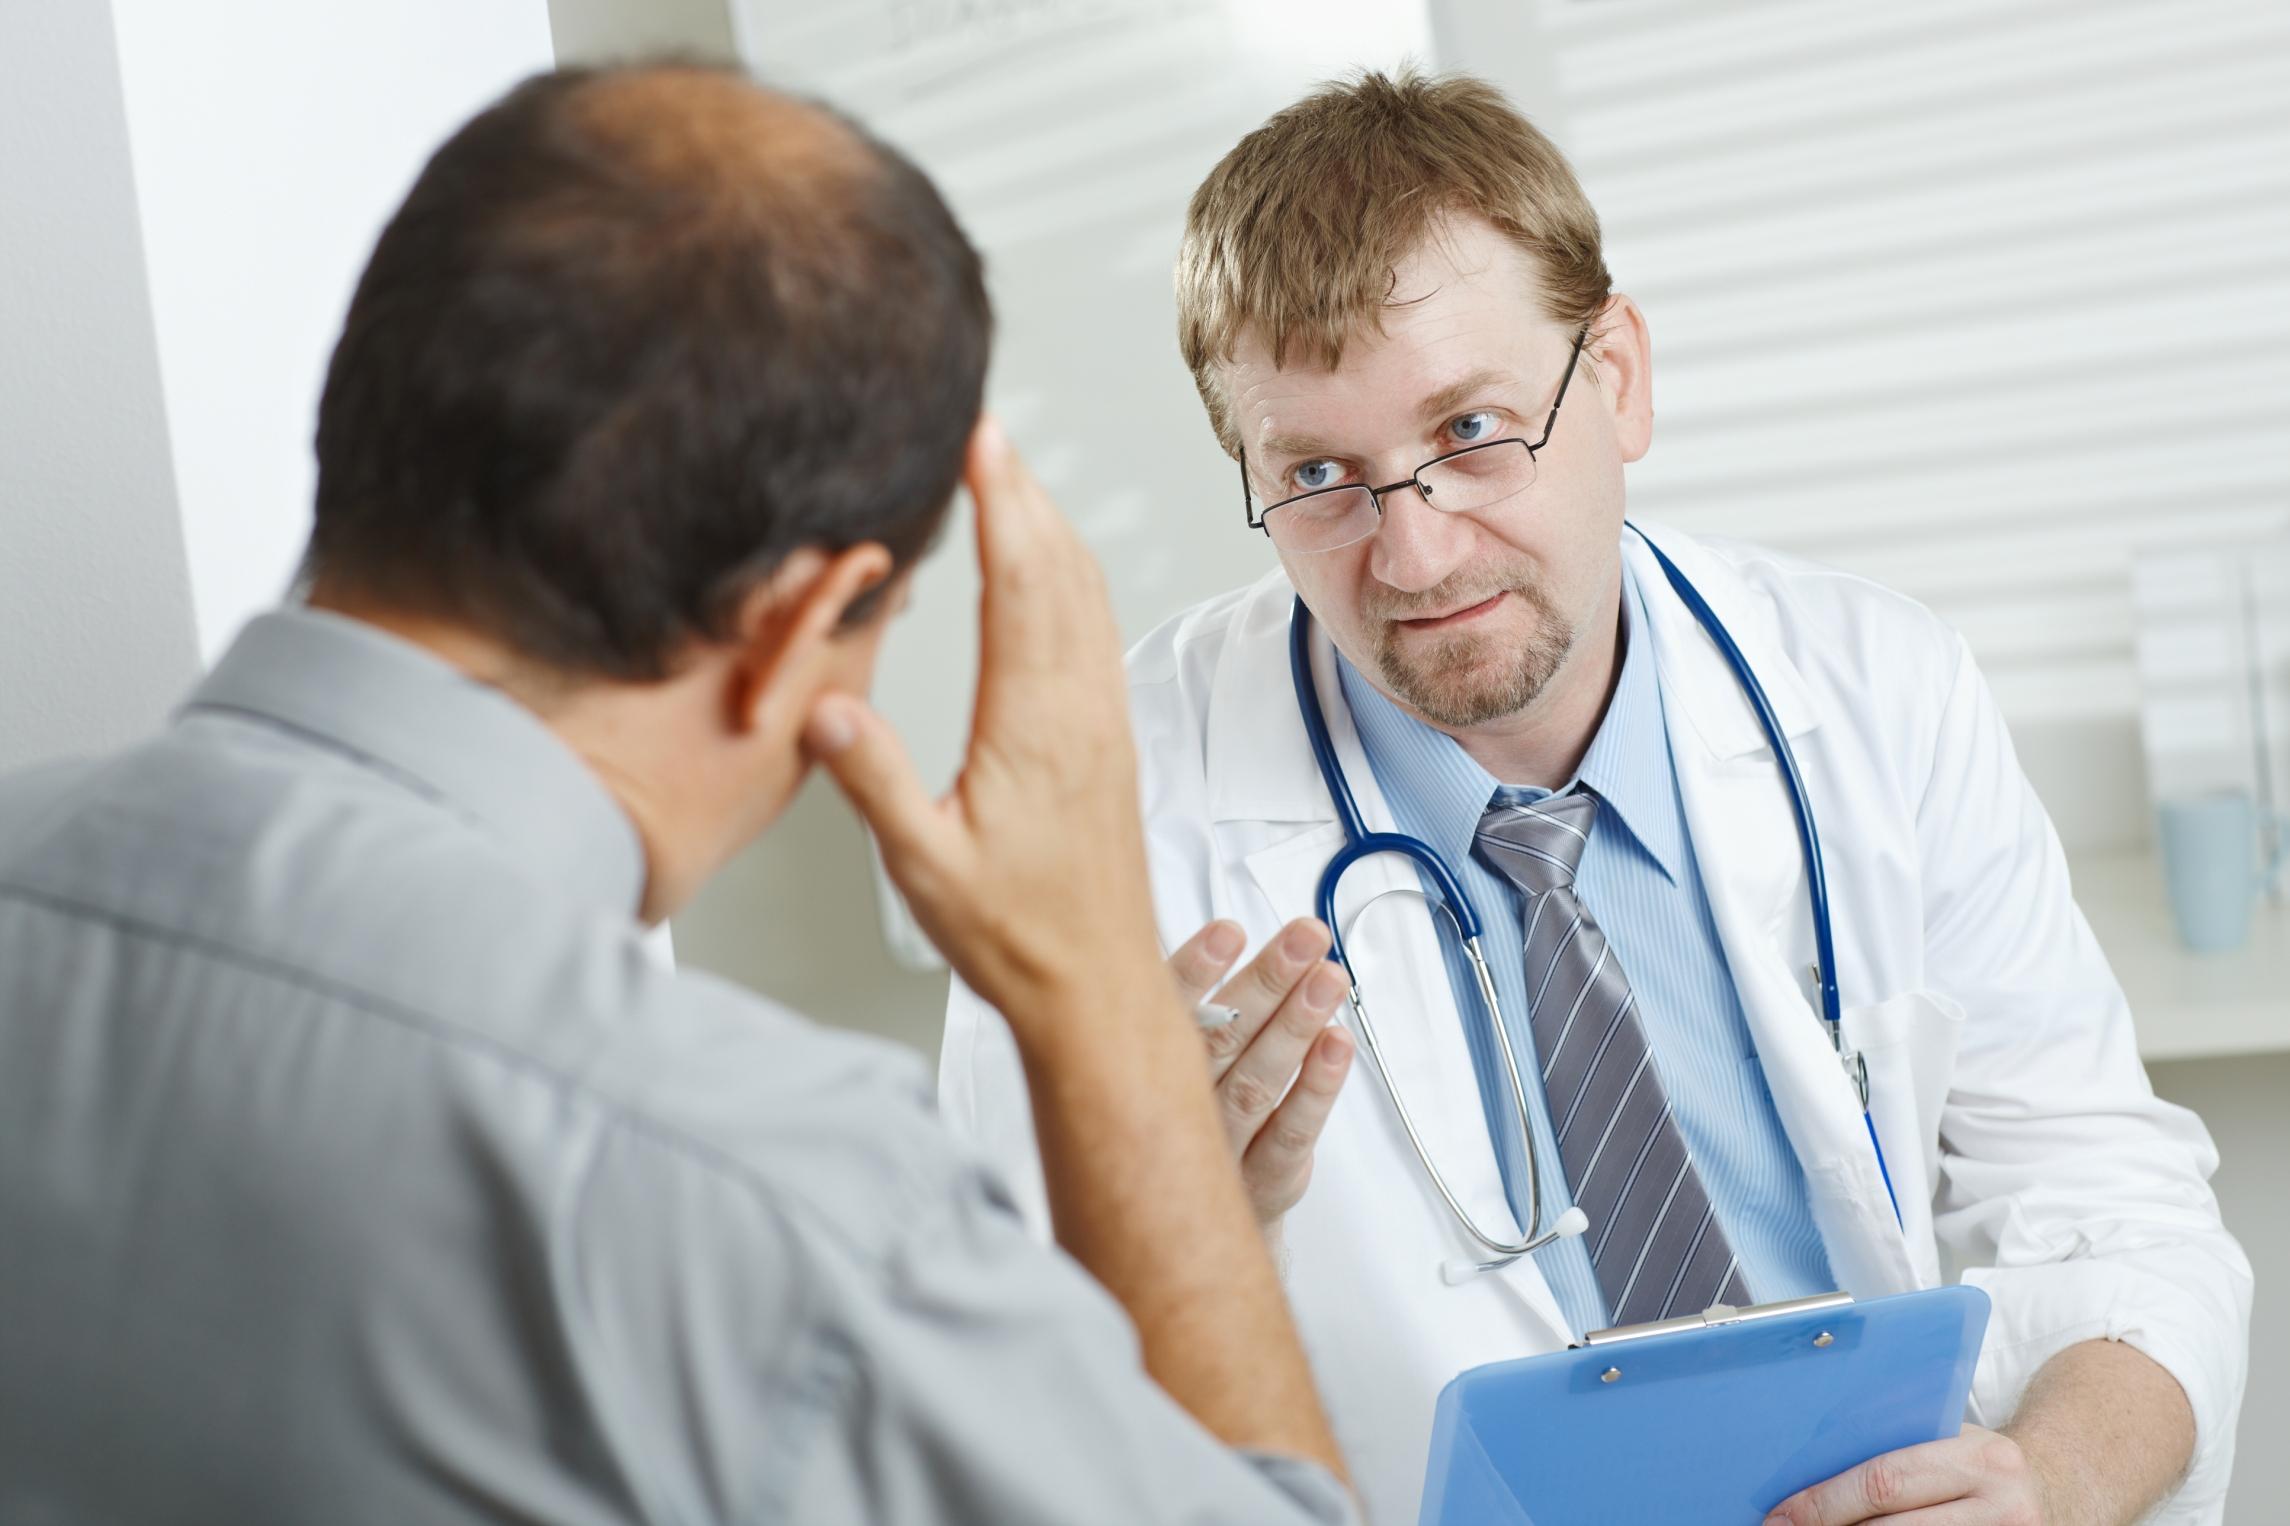 Смотреть клизмы у доктора с болью онлайн 3 фотография